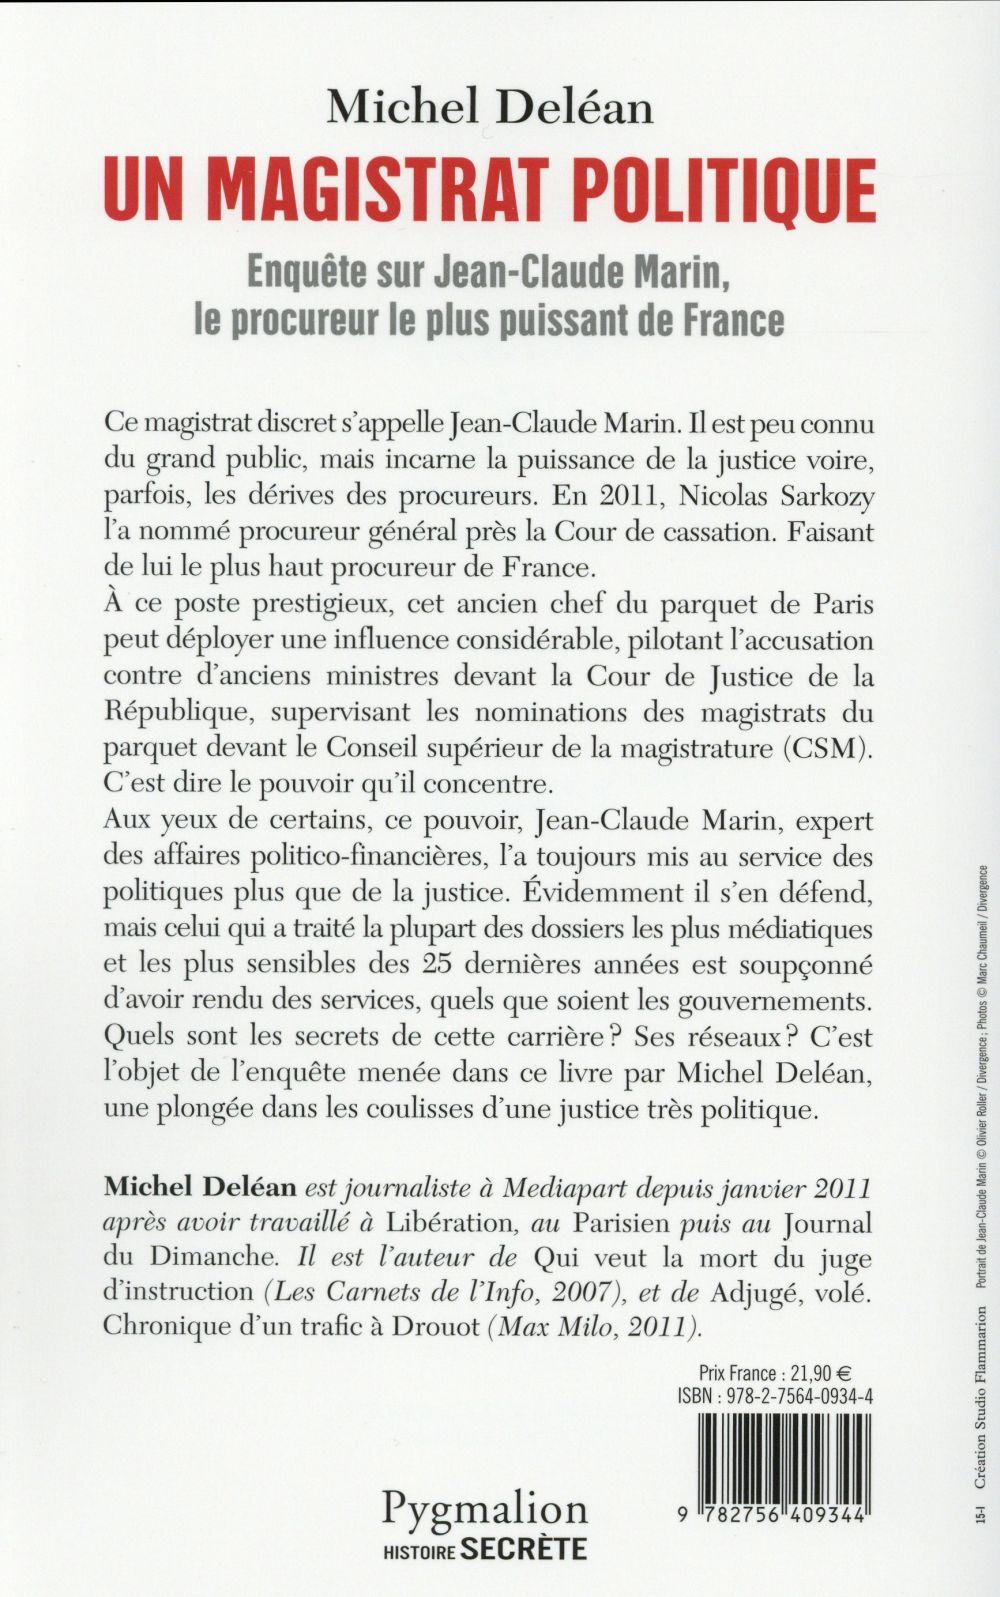 Un magistrat politique ; enquête sur Jean-Claude Marin, le procureur le plus puissant de France